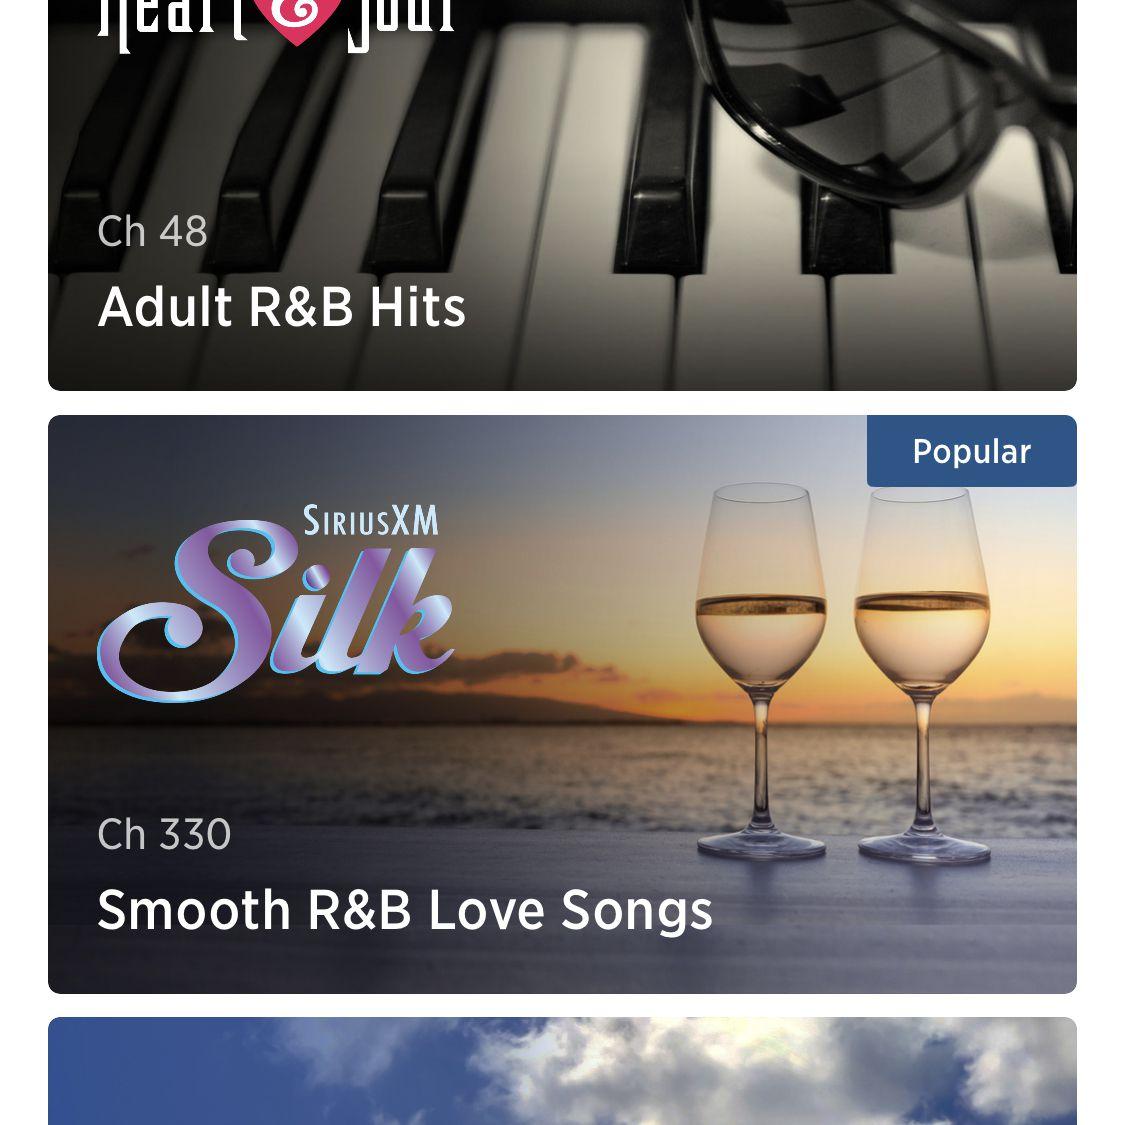 screenshot of Sirius XM app